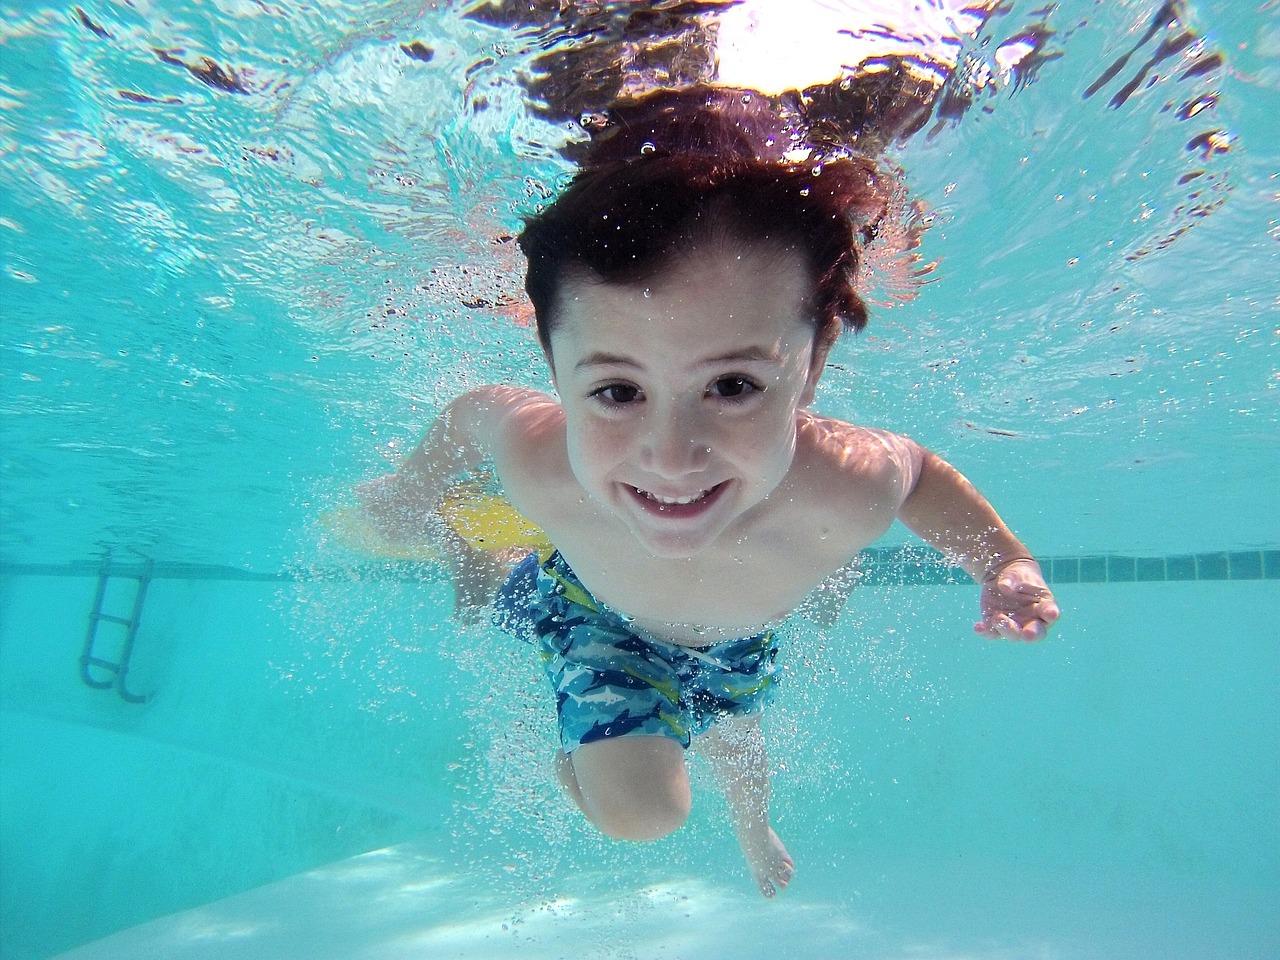 Child-swimming-in-inground-pool